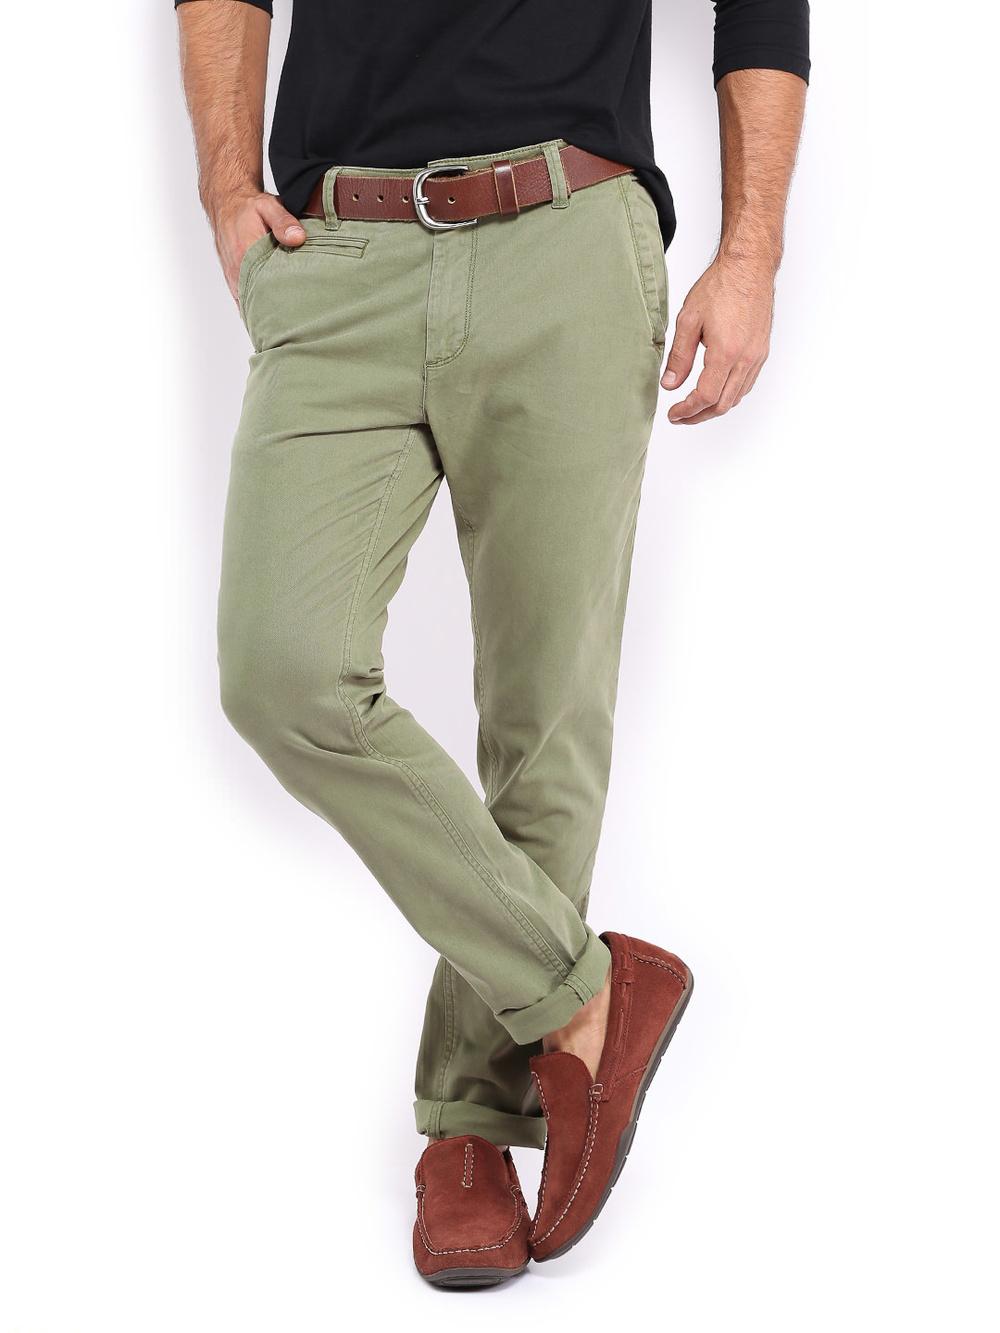 Olive Green Chino Man Pants - Buy Man Pants,Olive Green Pants,Chino Pants  Product on Alibaba.com